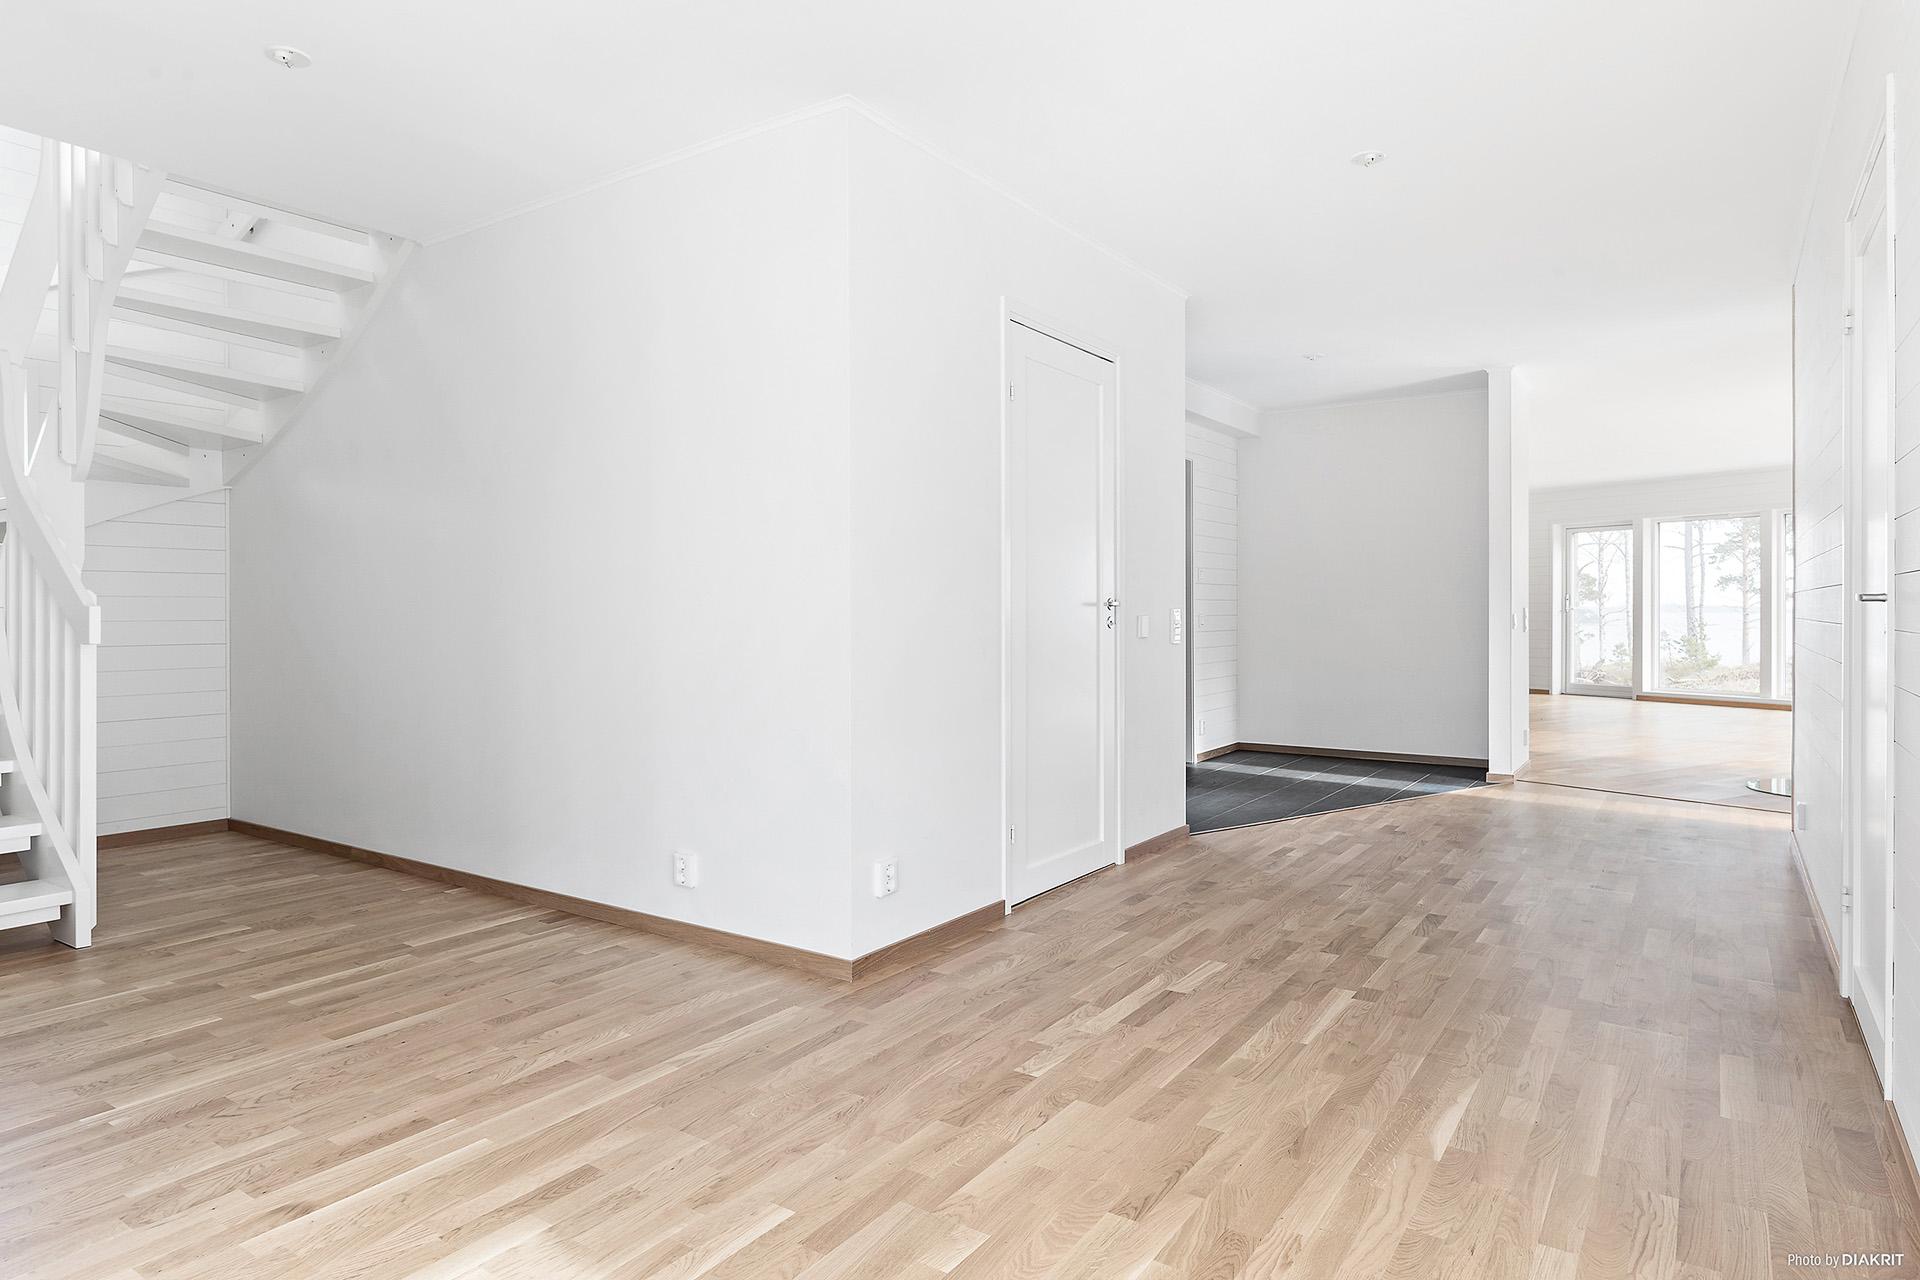 Passage tv-rum och vardagsrum